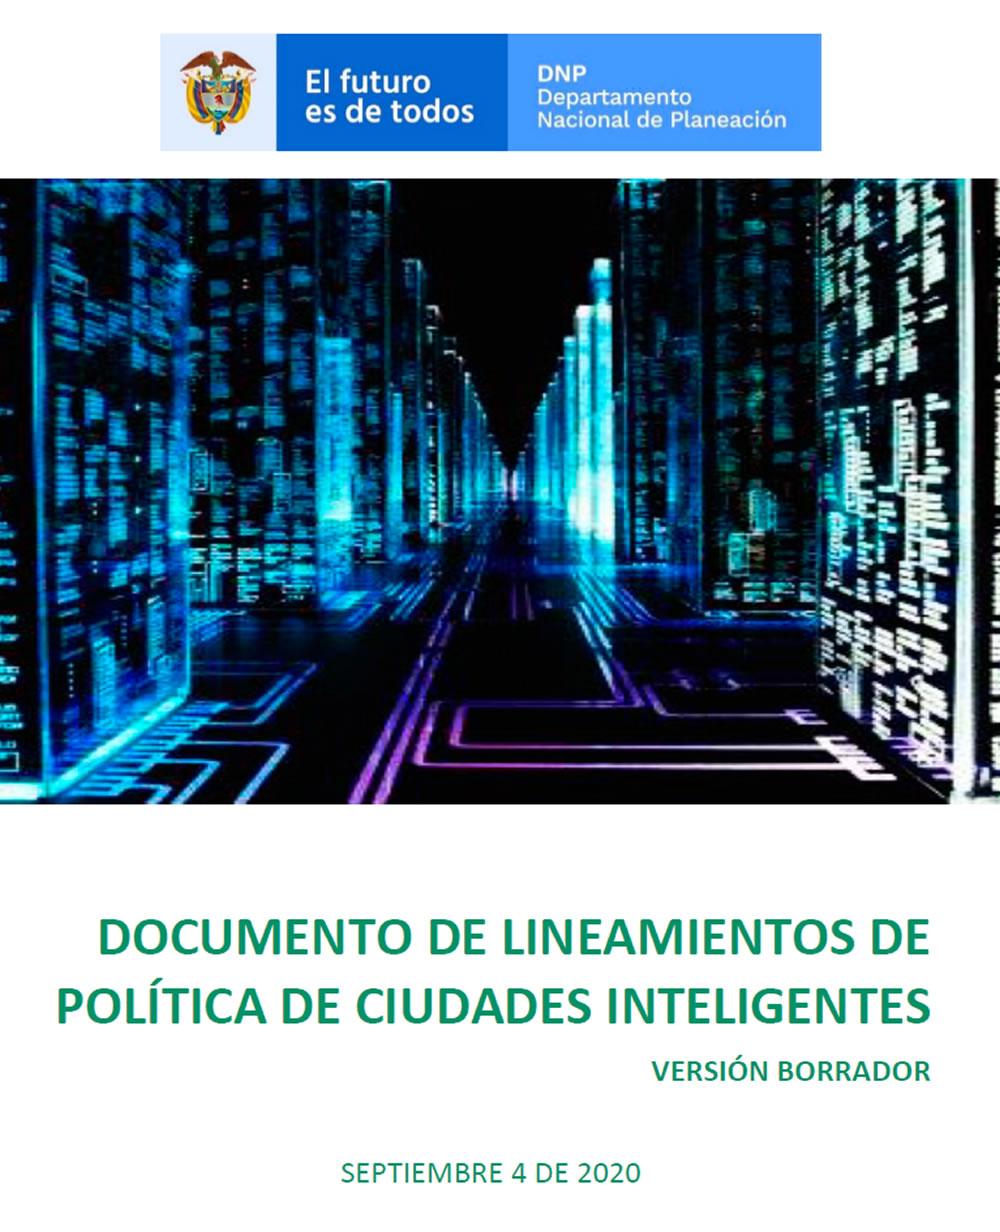 DNP publicó borrador de Lineamientos de política de ciudades inteligentes